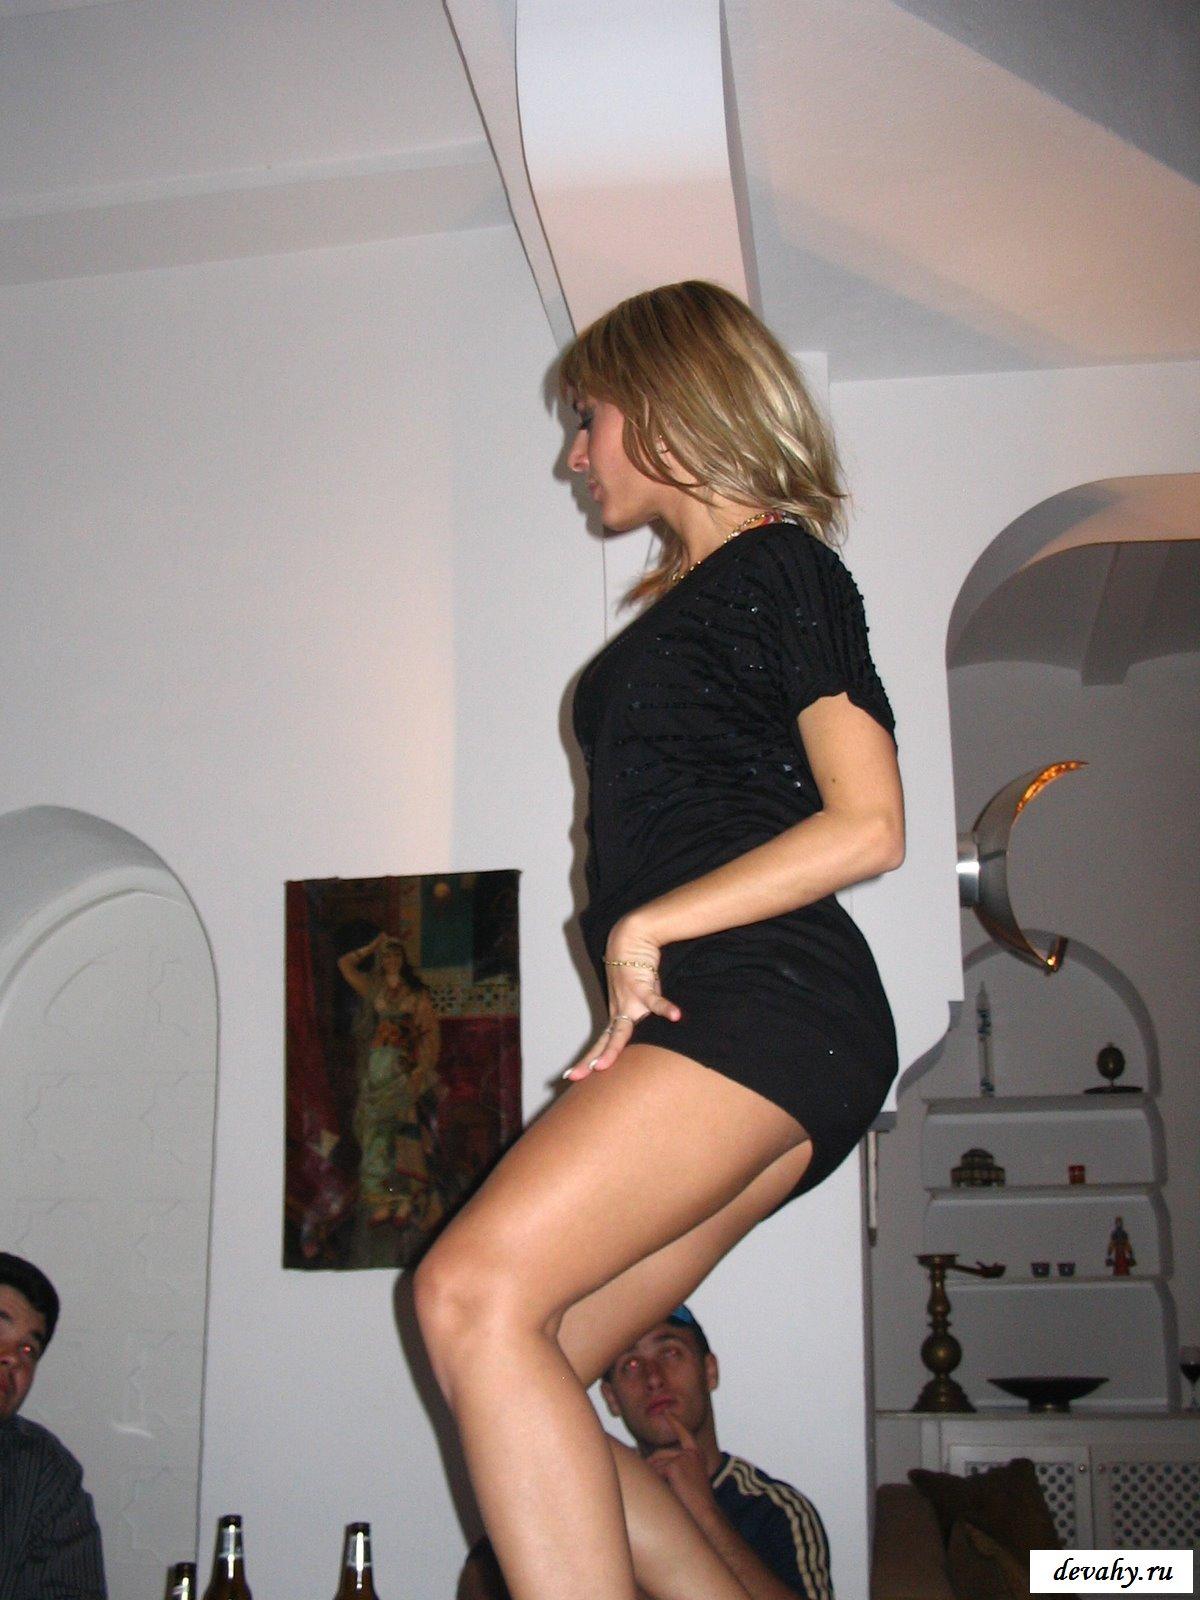 Девочки танцуют на столе